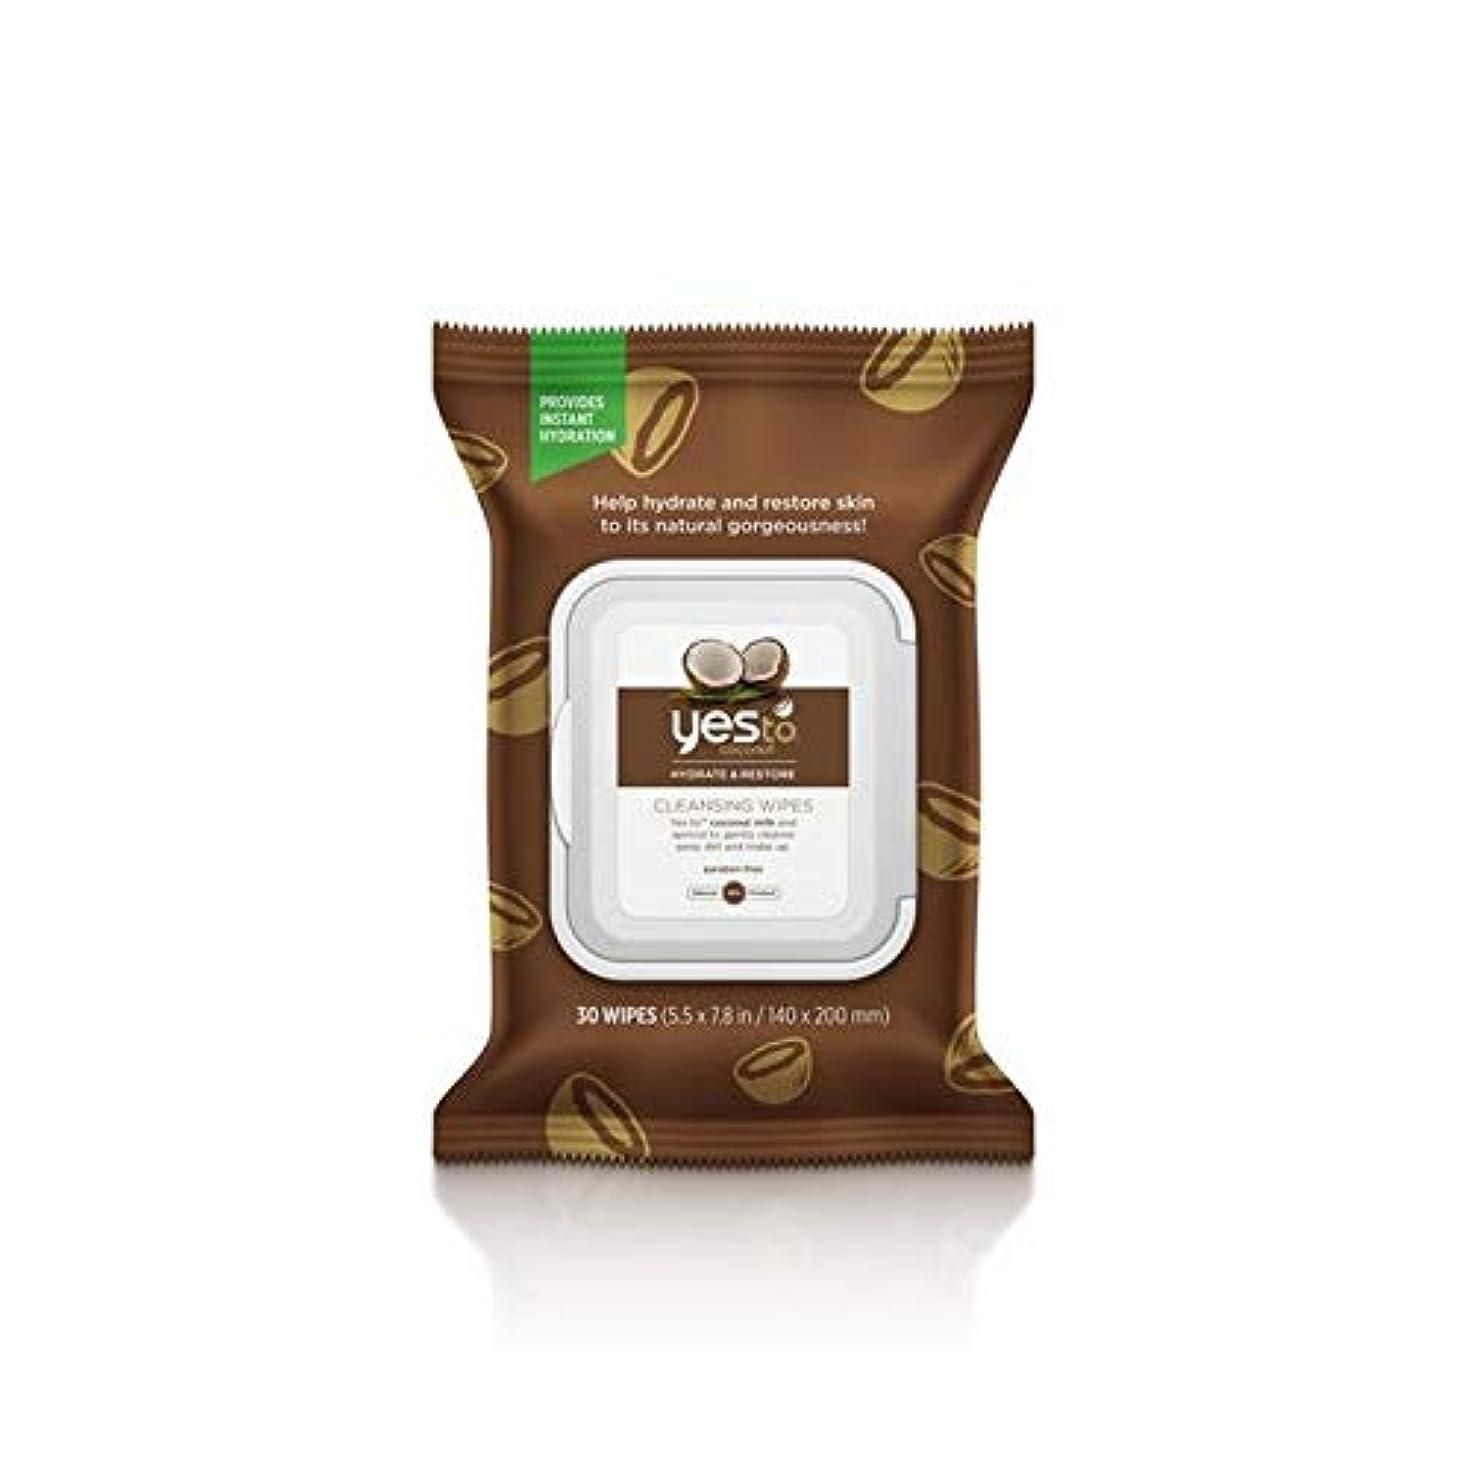 節約国勢調査スポンジ[YES TO! ] はいココナッツクレンジング顔にパックあたり25ワイプ - Yes To Coconut Cleansing Face Wipes 25 per pack [並行輸入品]